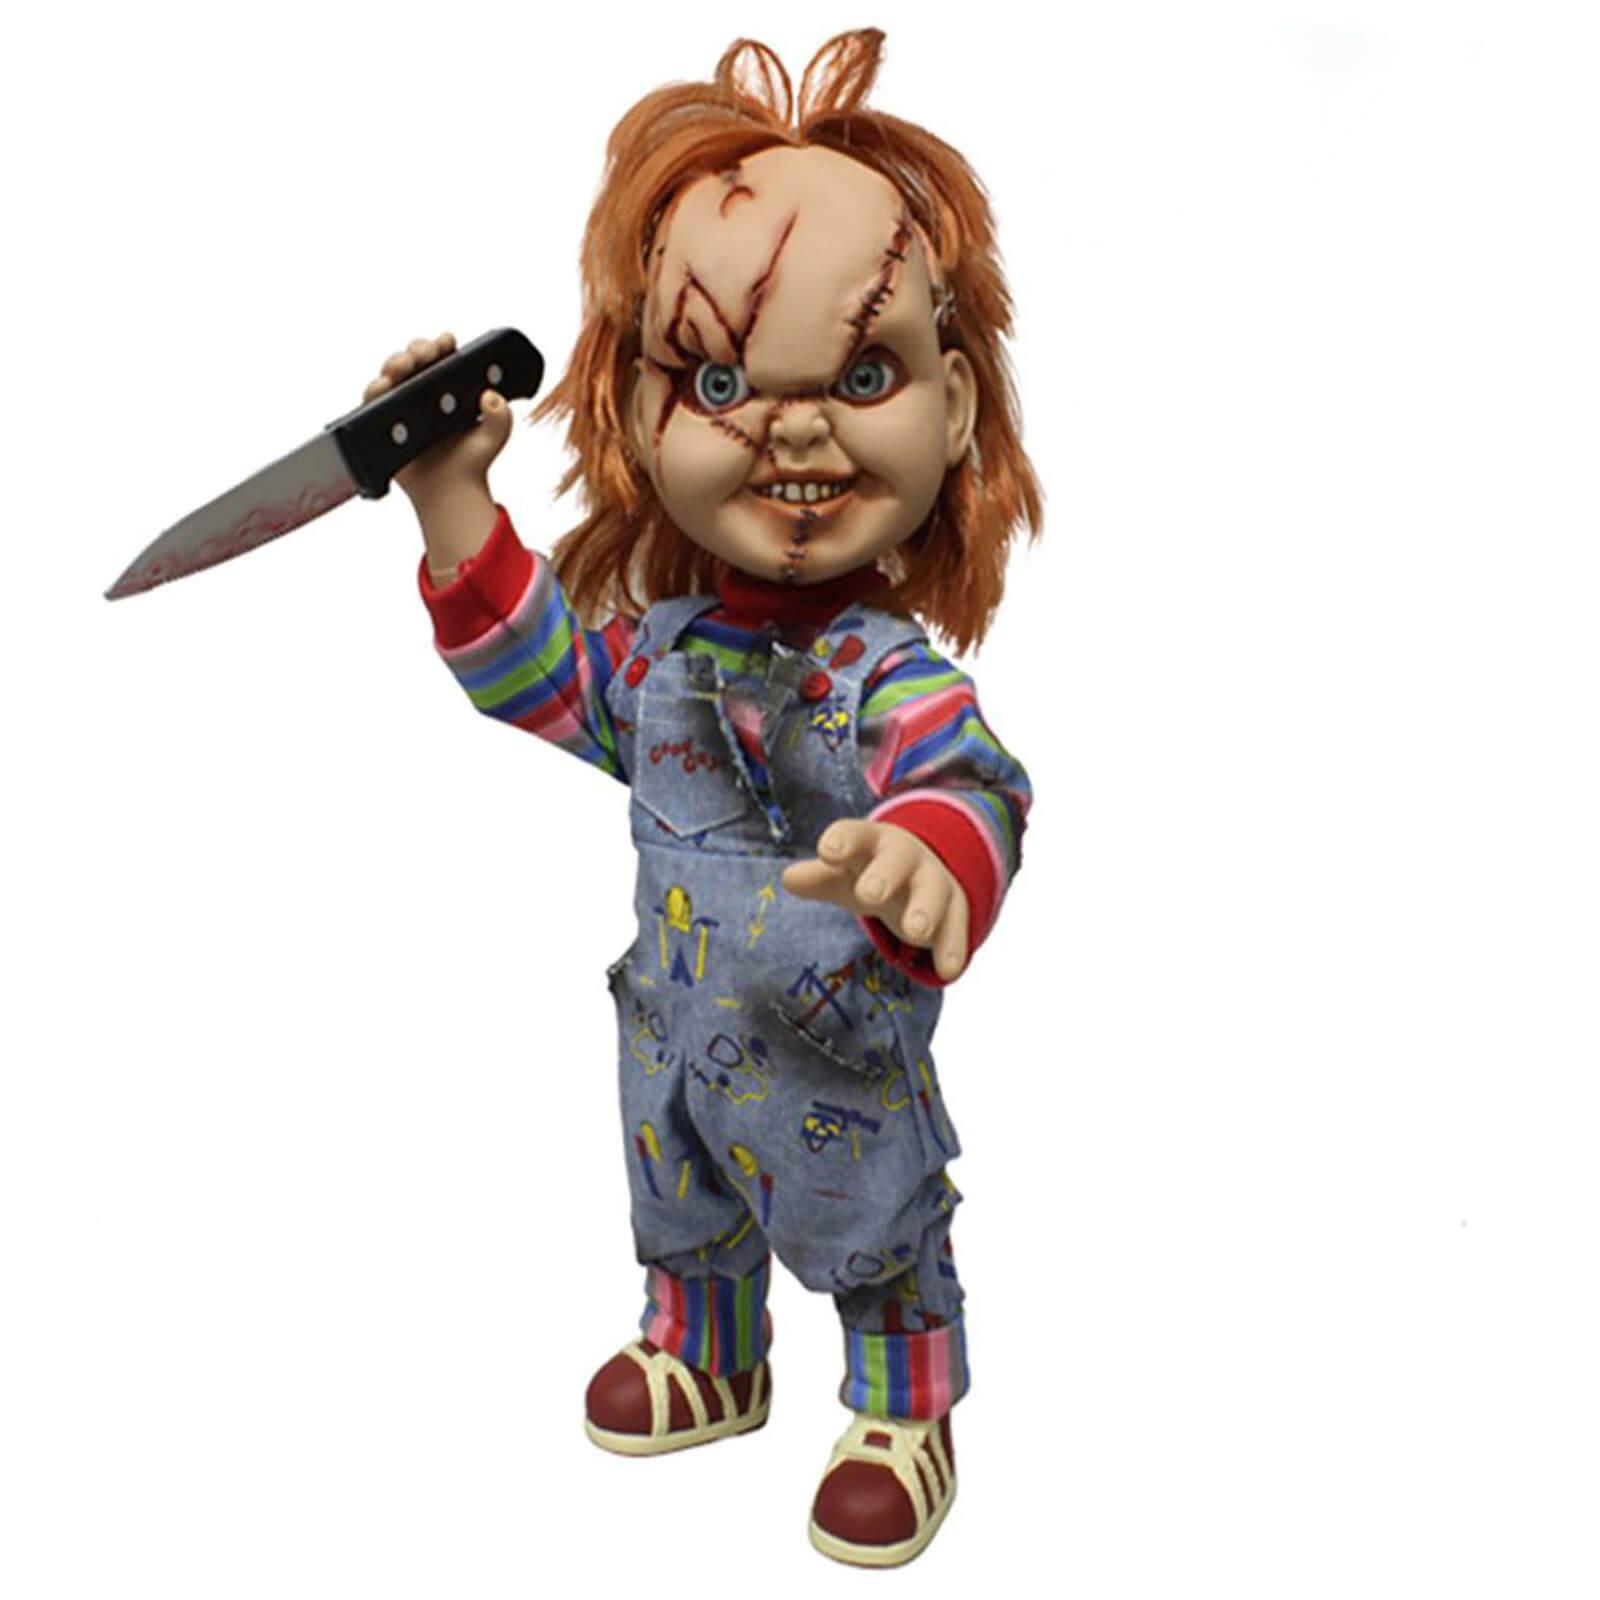 20% auf Horrorfiguren bei Zavvi: z.B. Sprechende Chucky-Puppe (38cm hoch, bewegliche Gelenke, separates Messer, Sammelbox)